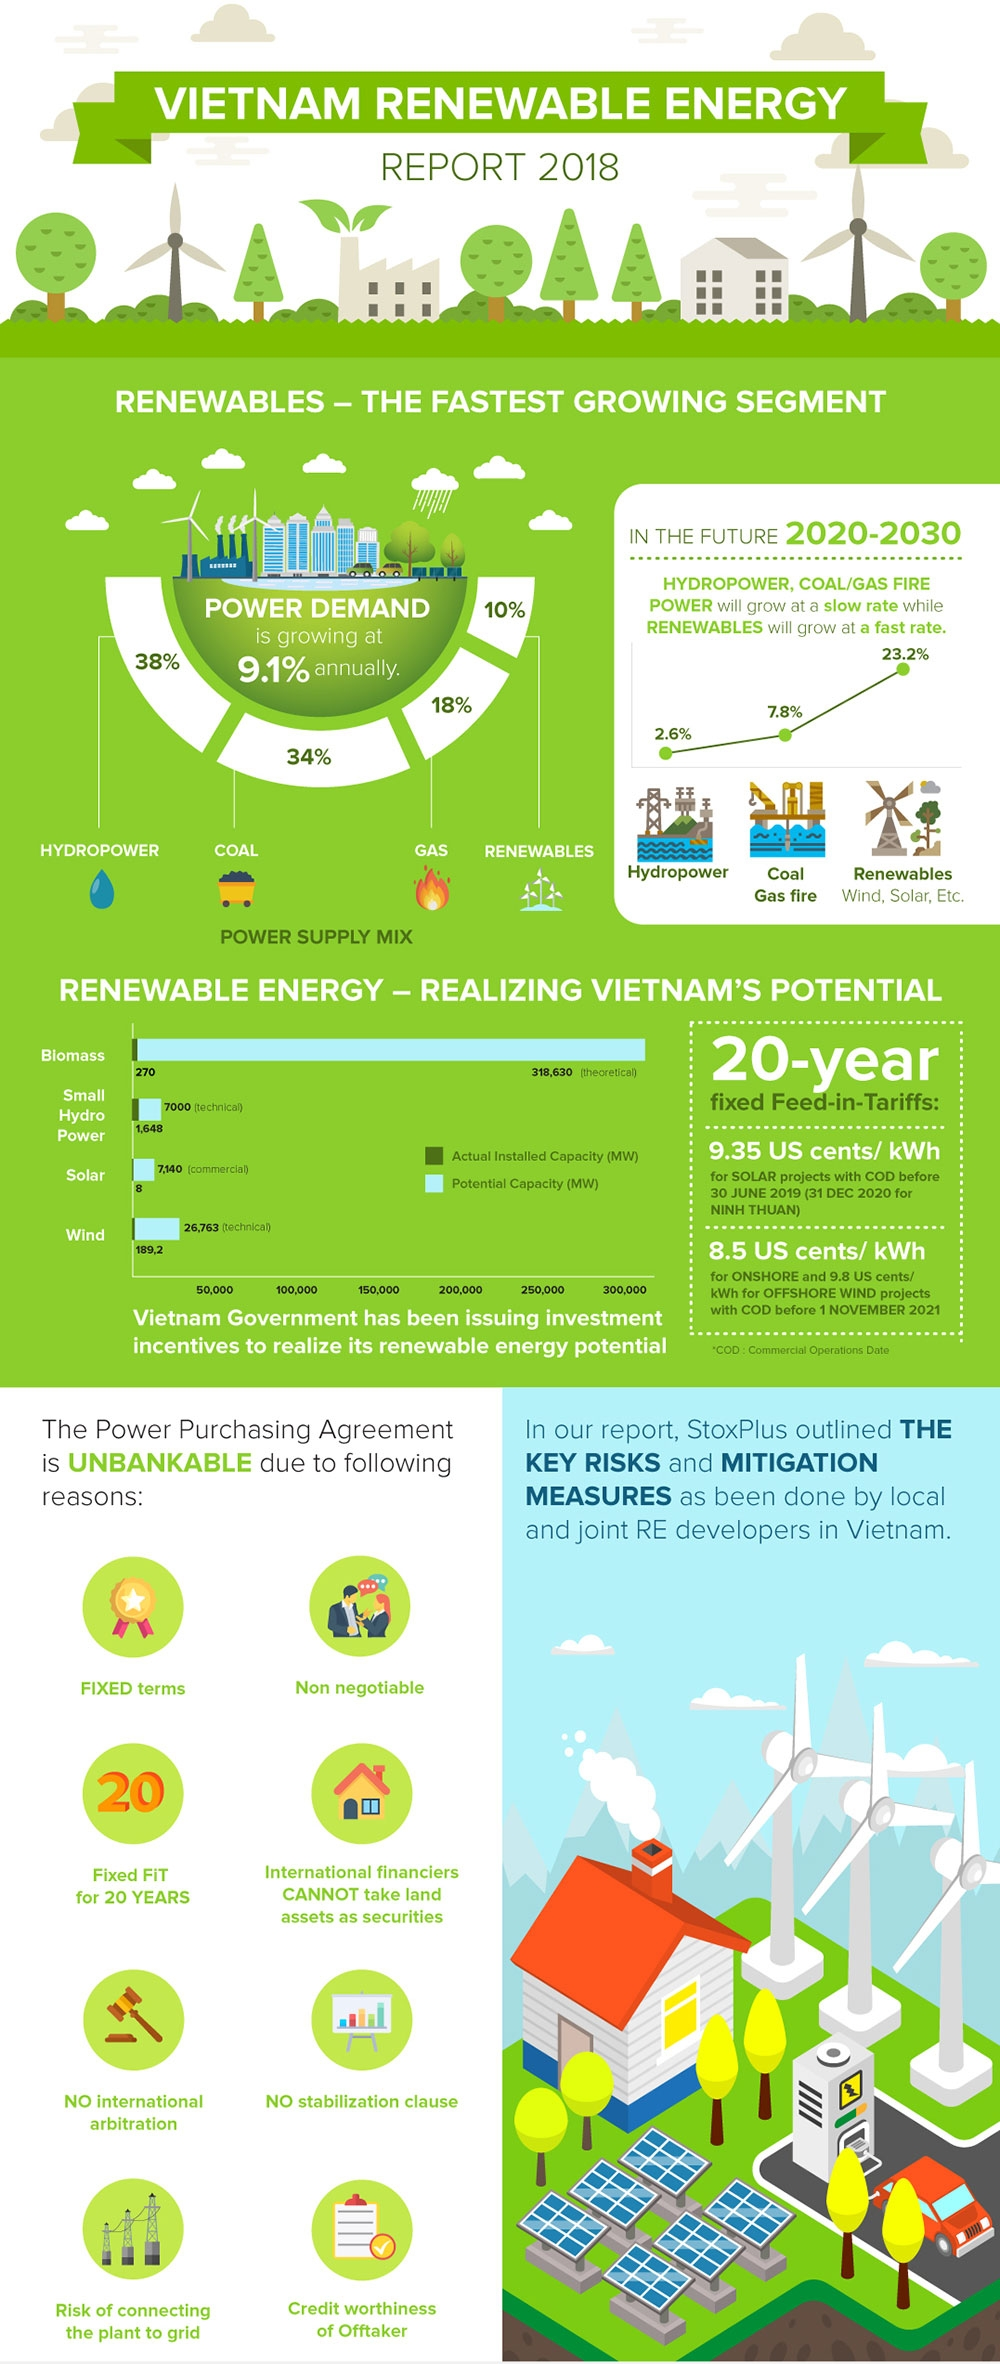 vietnam renewable energy report 2018